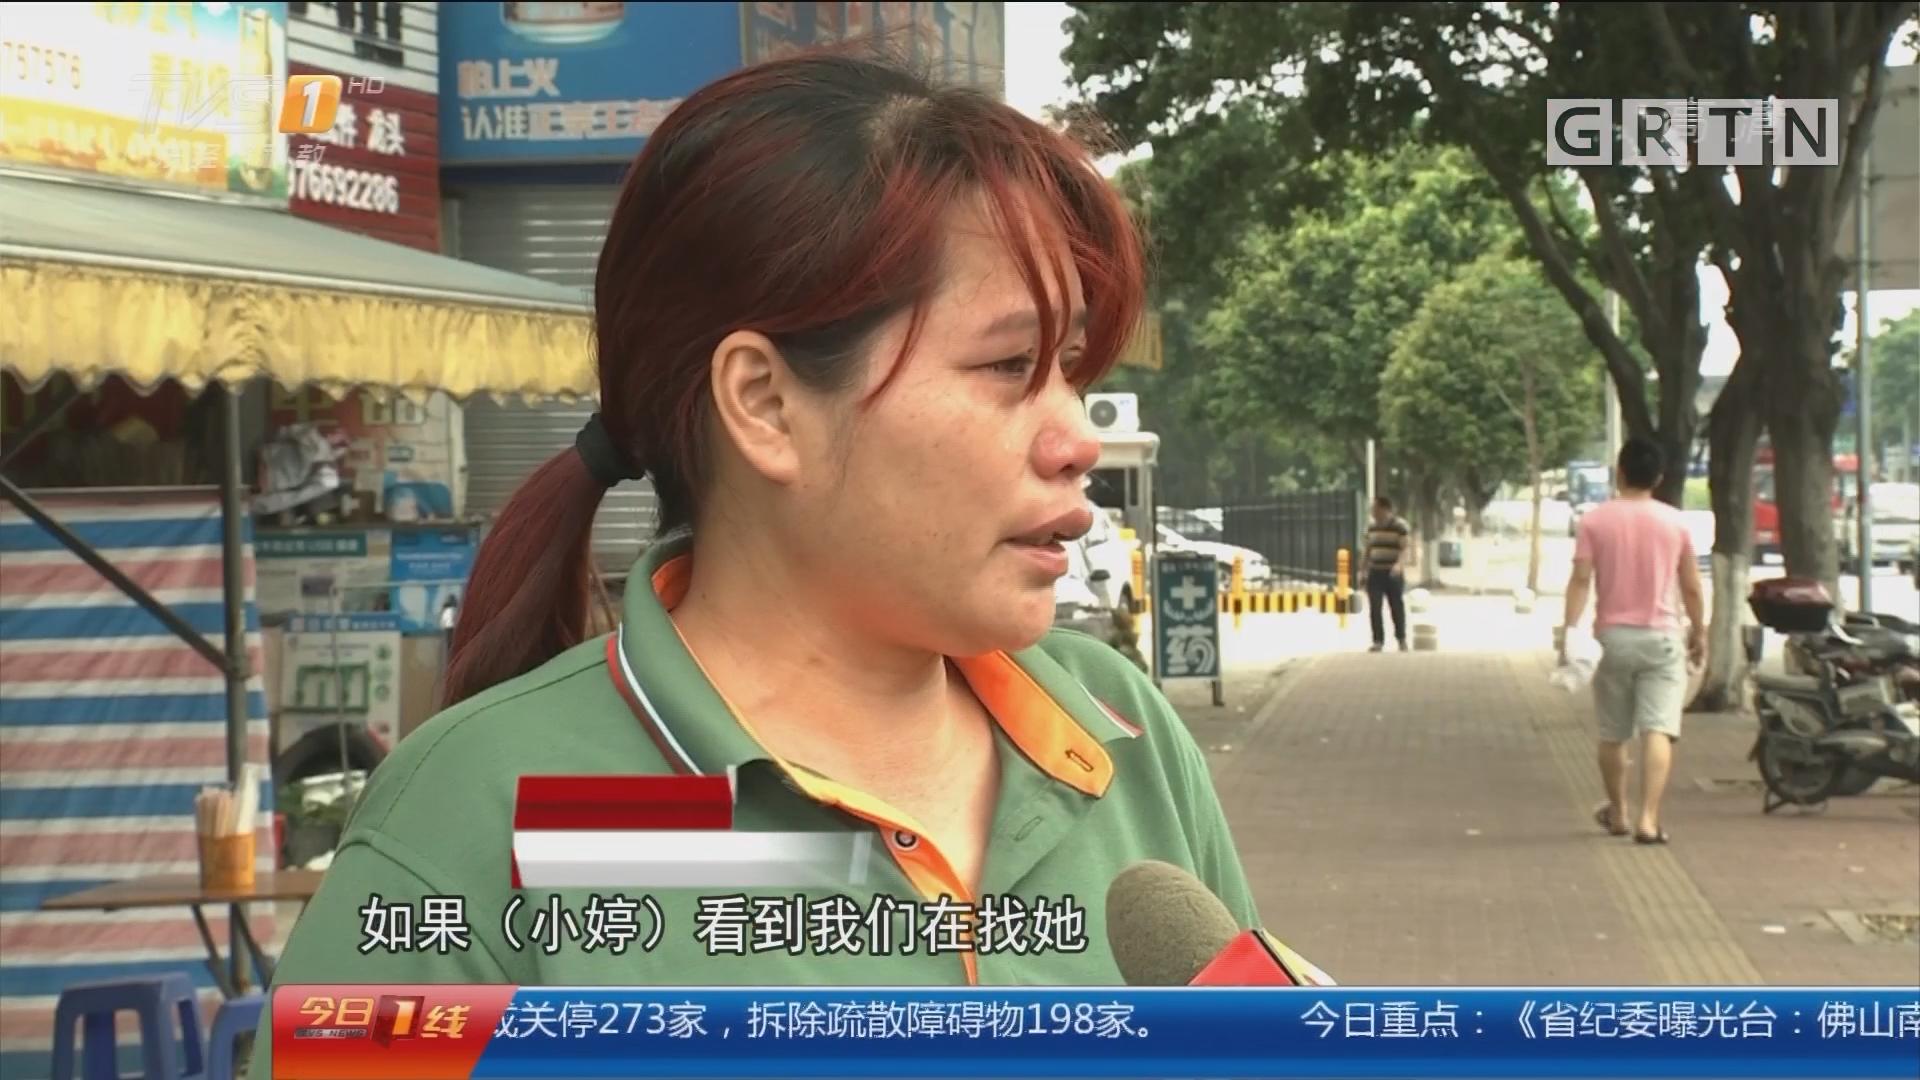 佛山禅城:13岁少女失联三天 警方介入调查